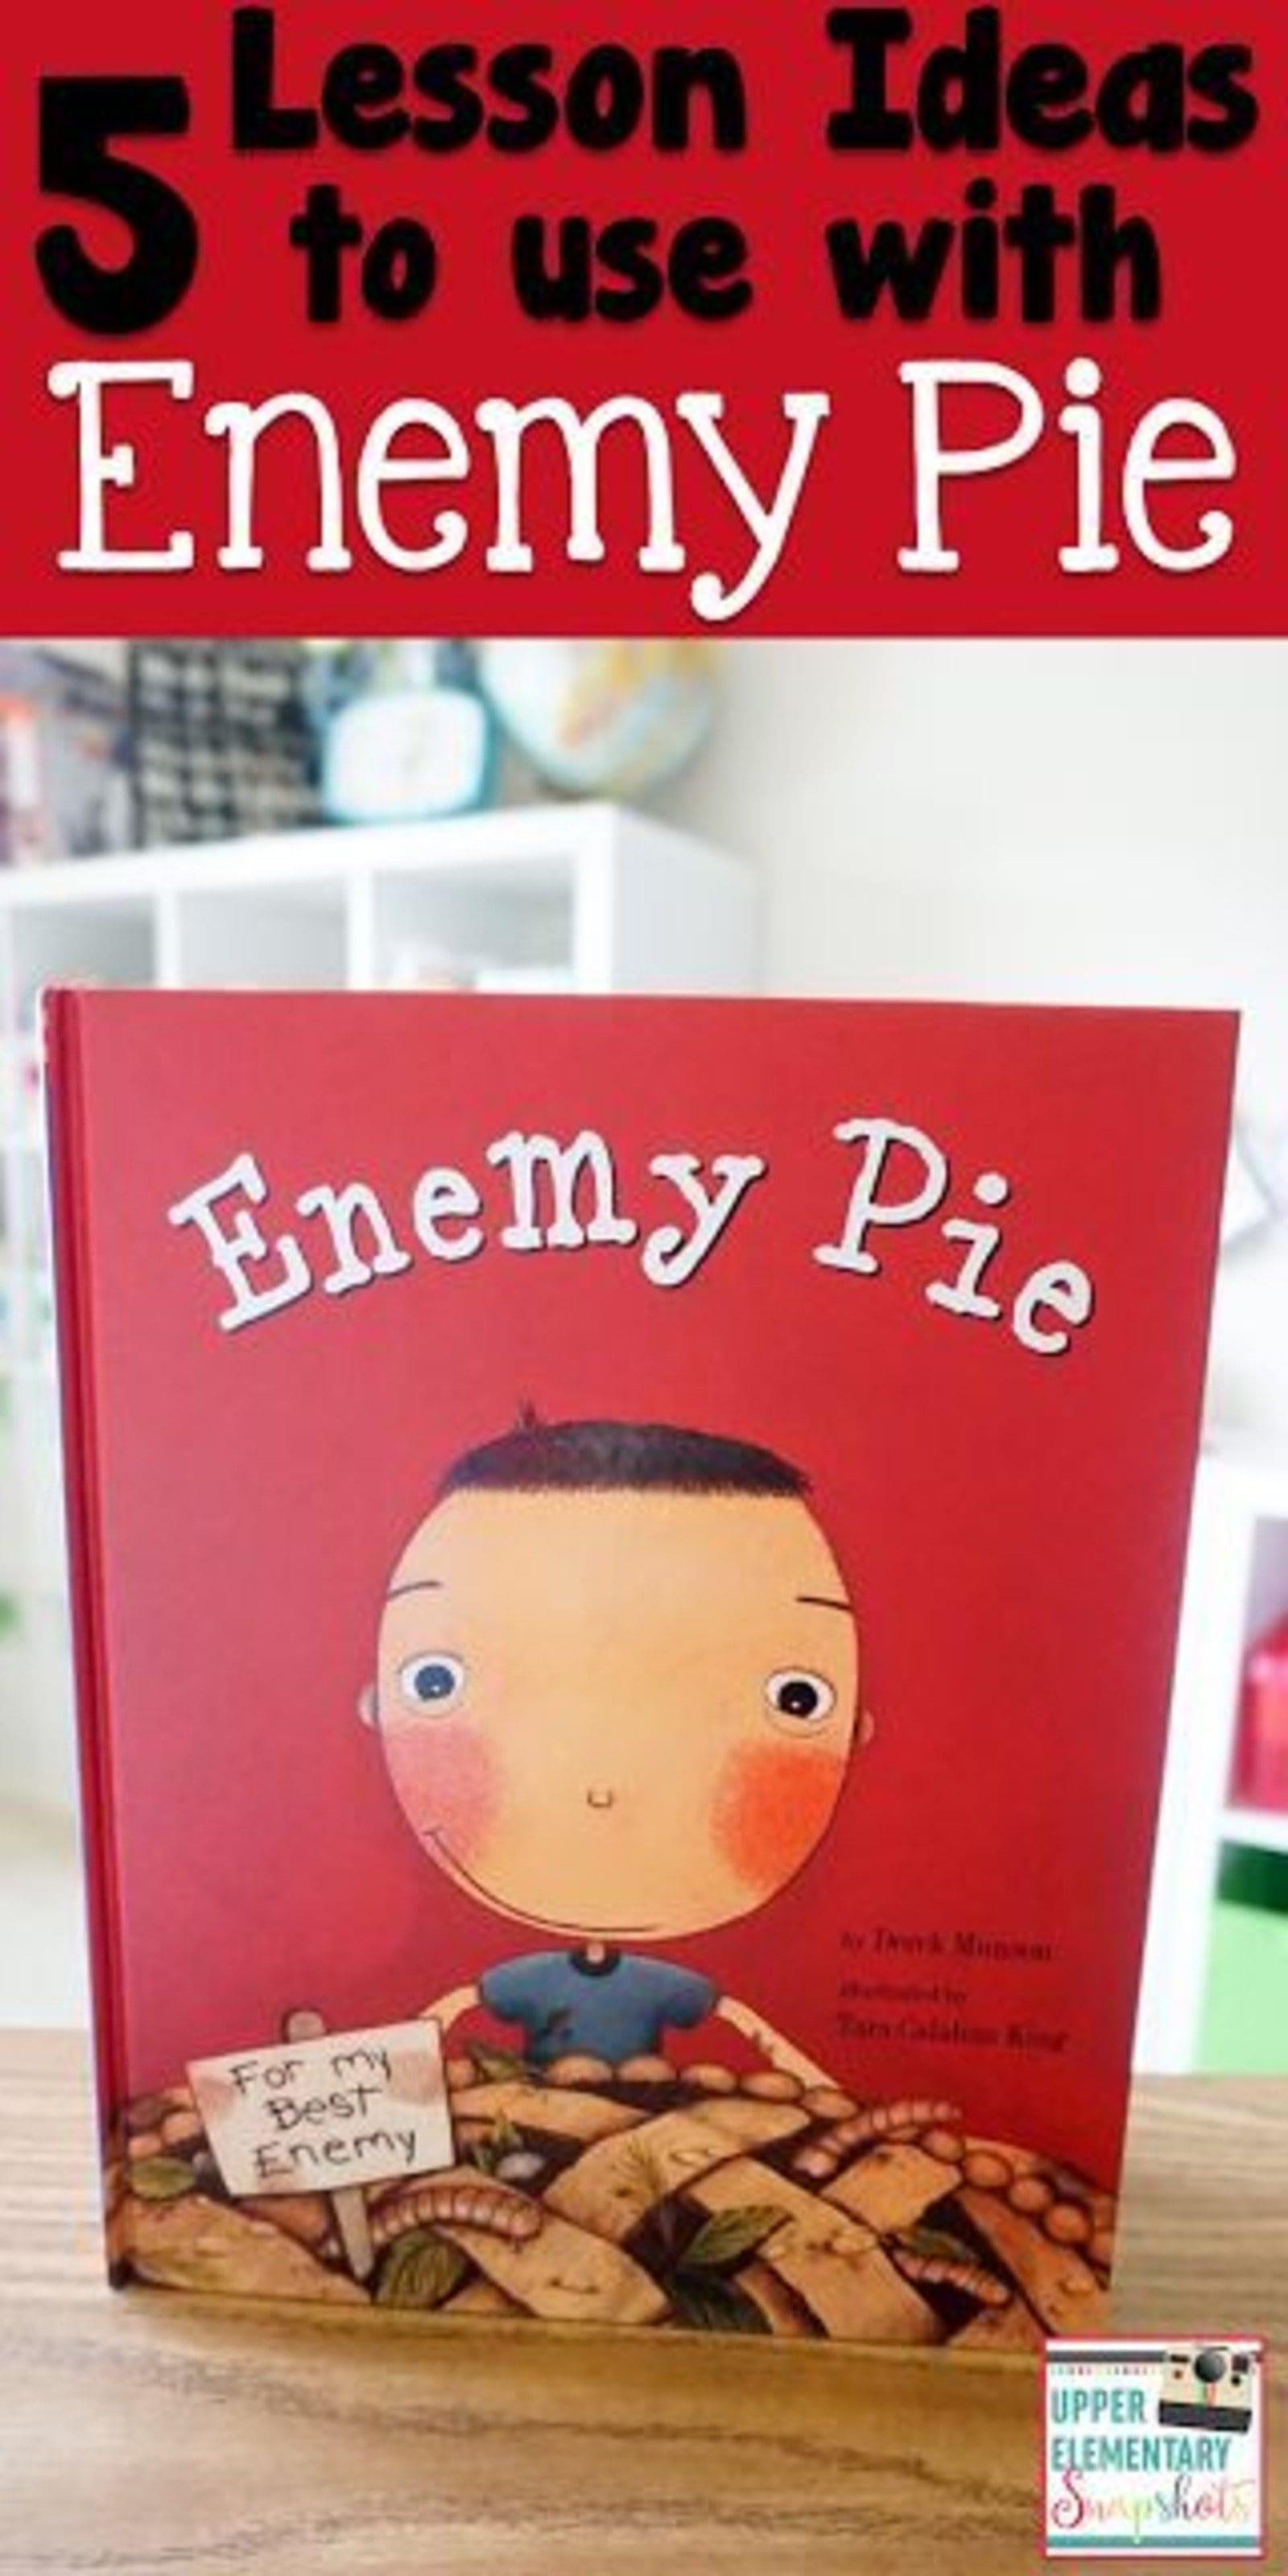 Top 25 Enemy Pie Hd Wallpapers Pertaining To Enemy Pie Printable Worksheet